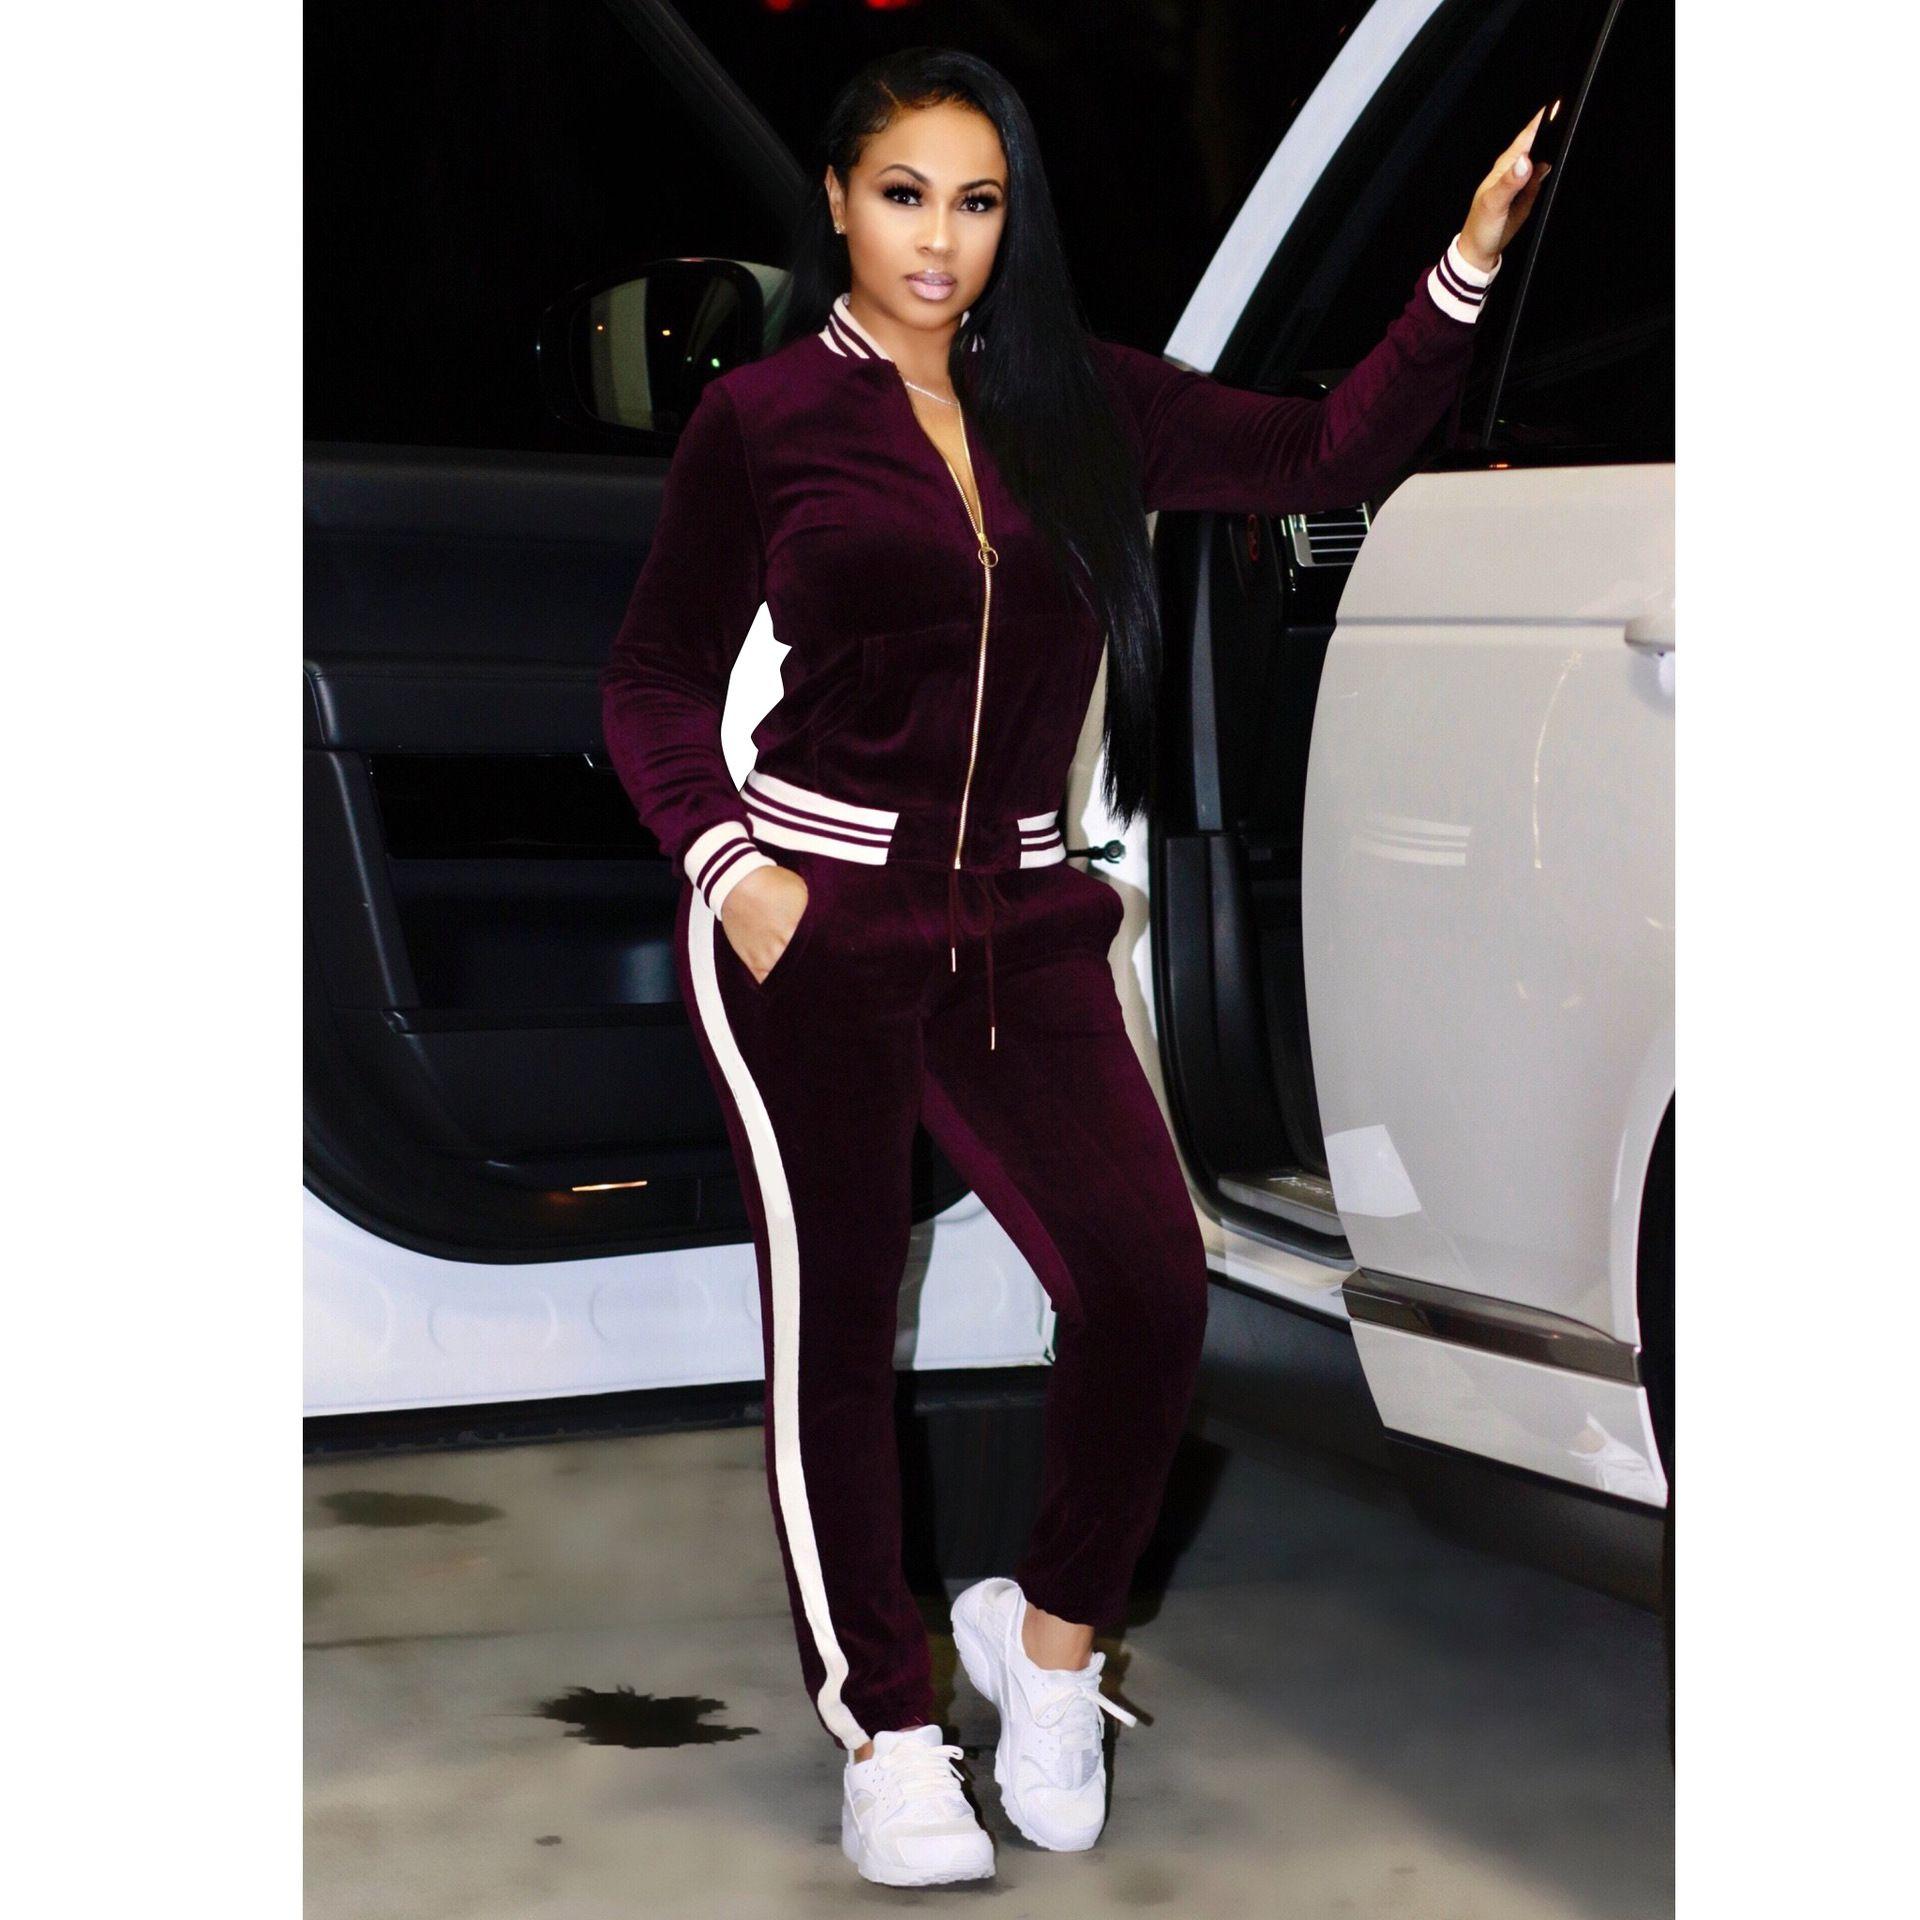 Große größe frauen sportbekleidung stehkragen trainingsanzüge sexy frauen casual anzug reißverschluss pullover mit hose joggen 2 stück set